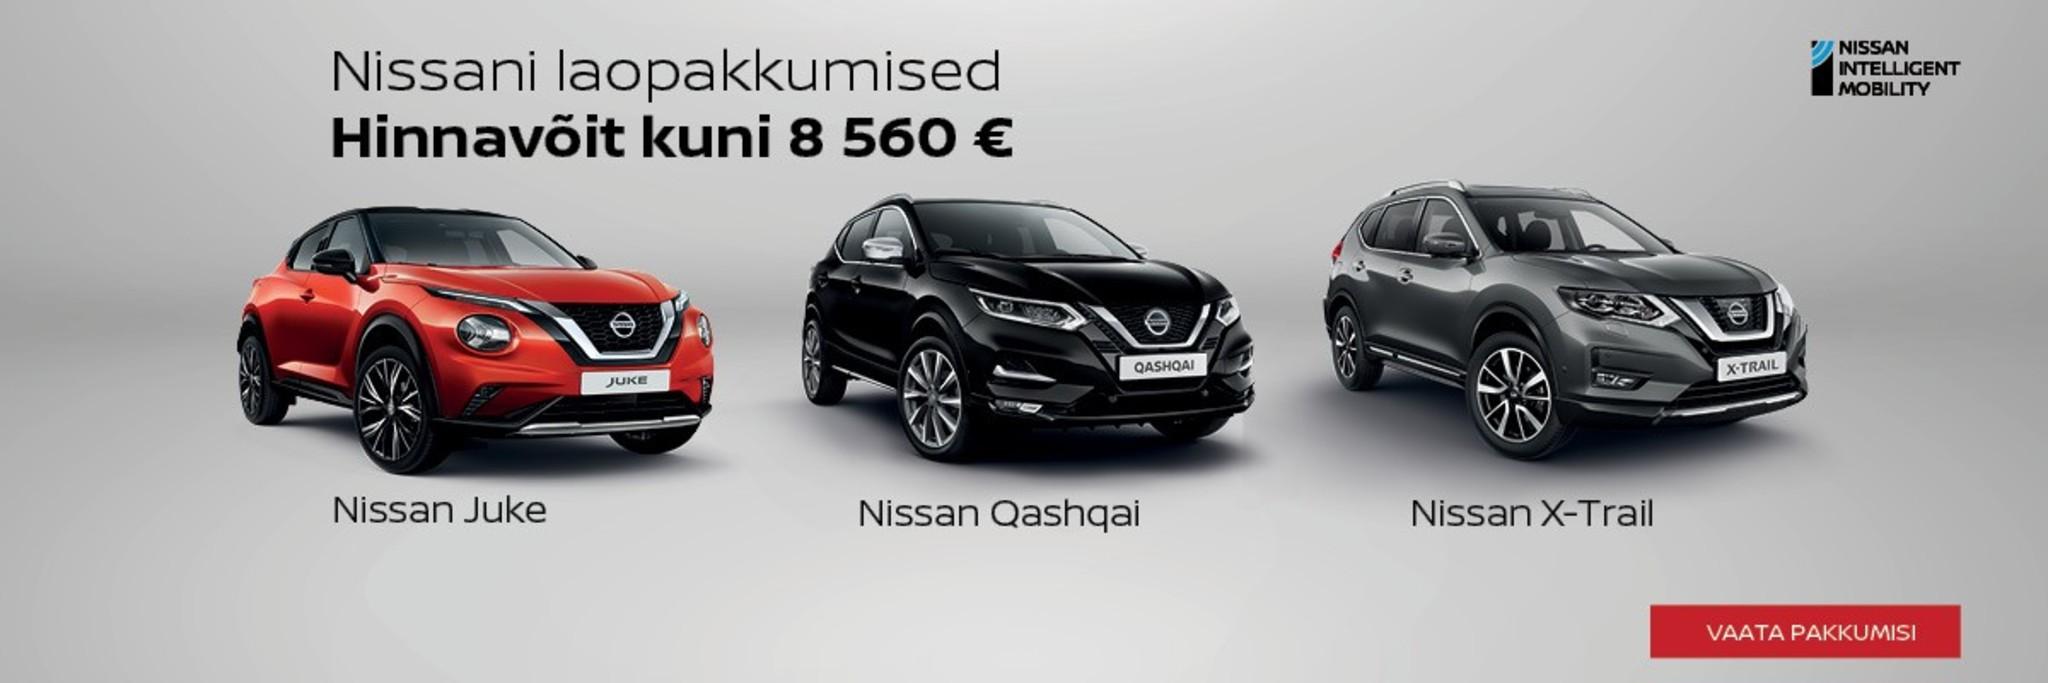 Nissani laoautod